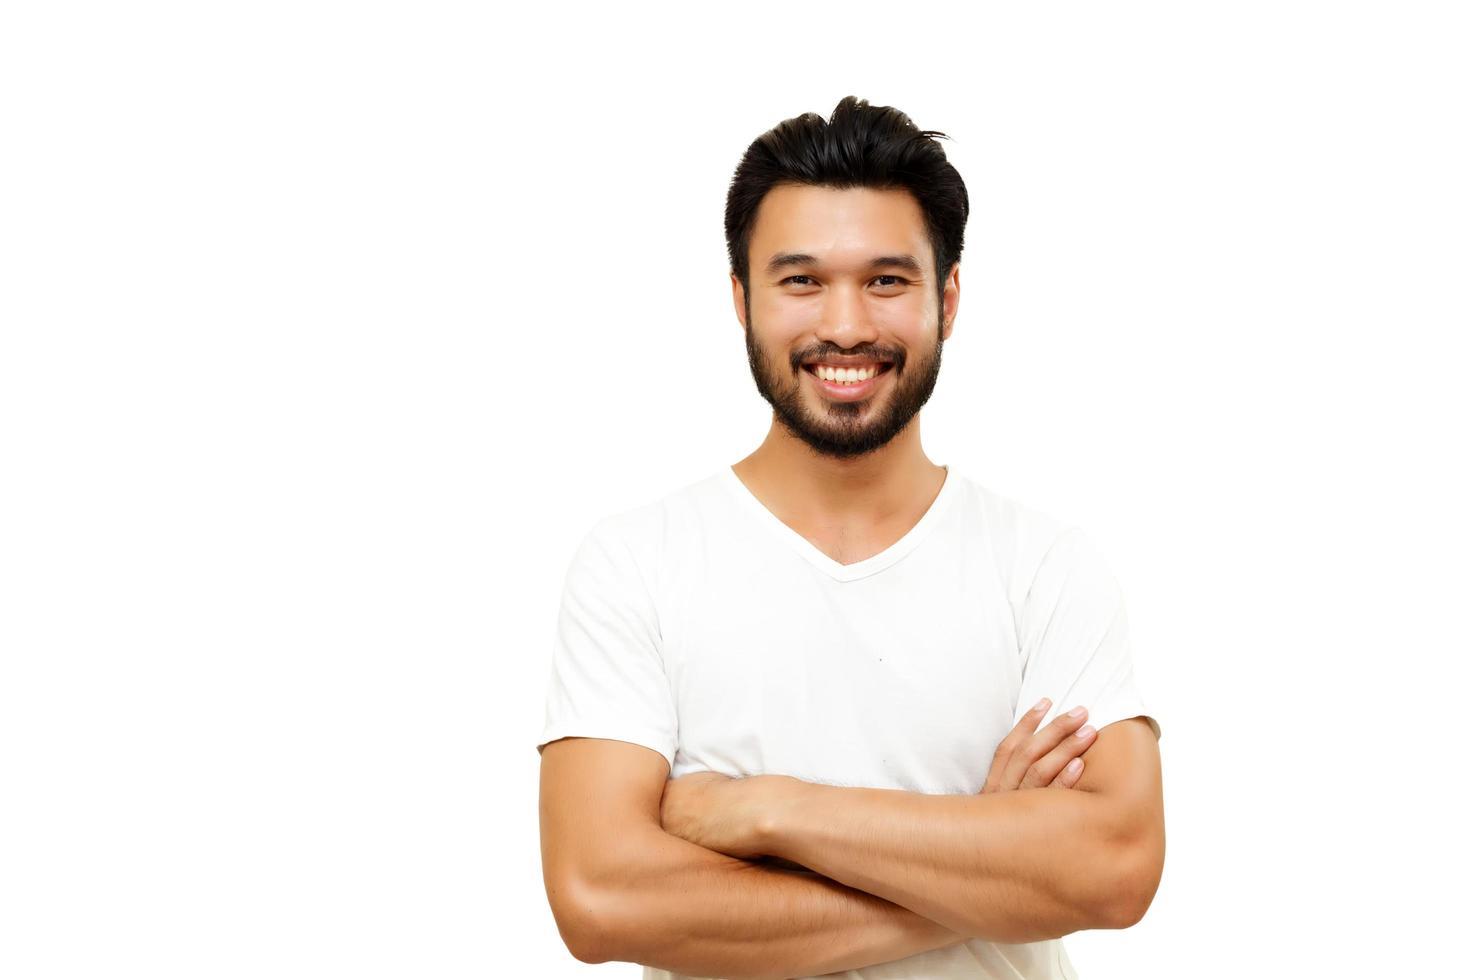 asiatischer schöner Mann mit einem Schnurrbart, der auf weißem Hintergrund lächelt foto